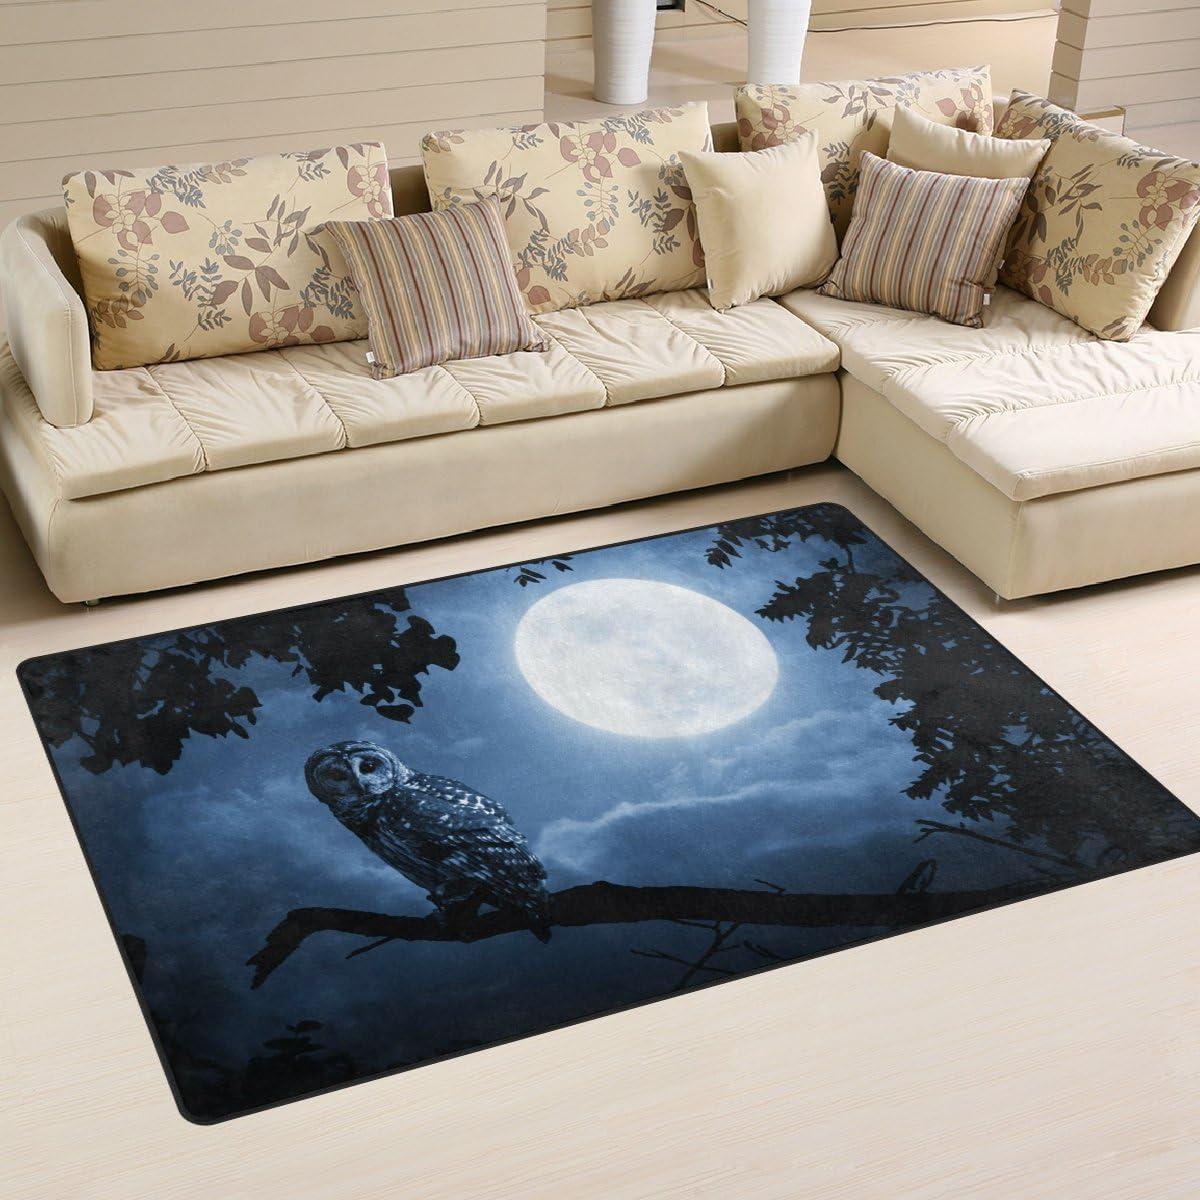 WOZO Hallloween Night Owl Full Moon Area Rug Rugs Non-Slip Floor Mat Doormat